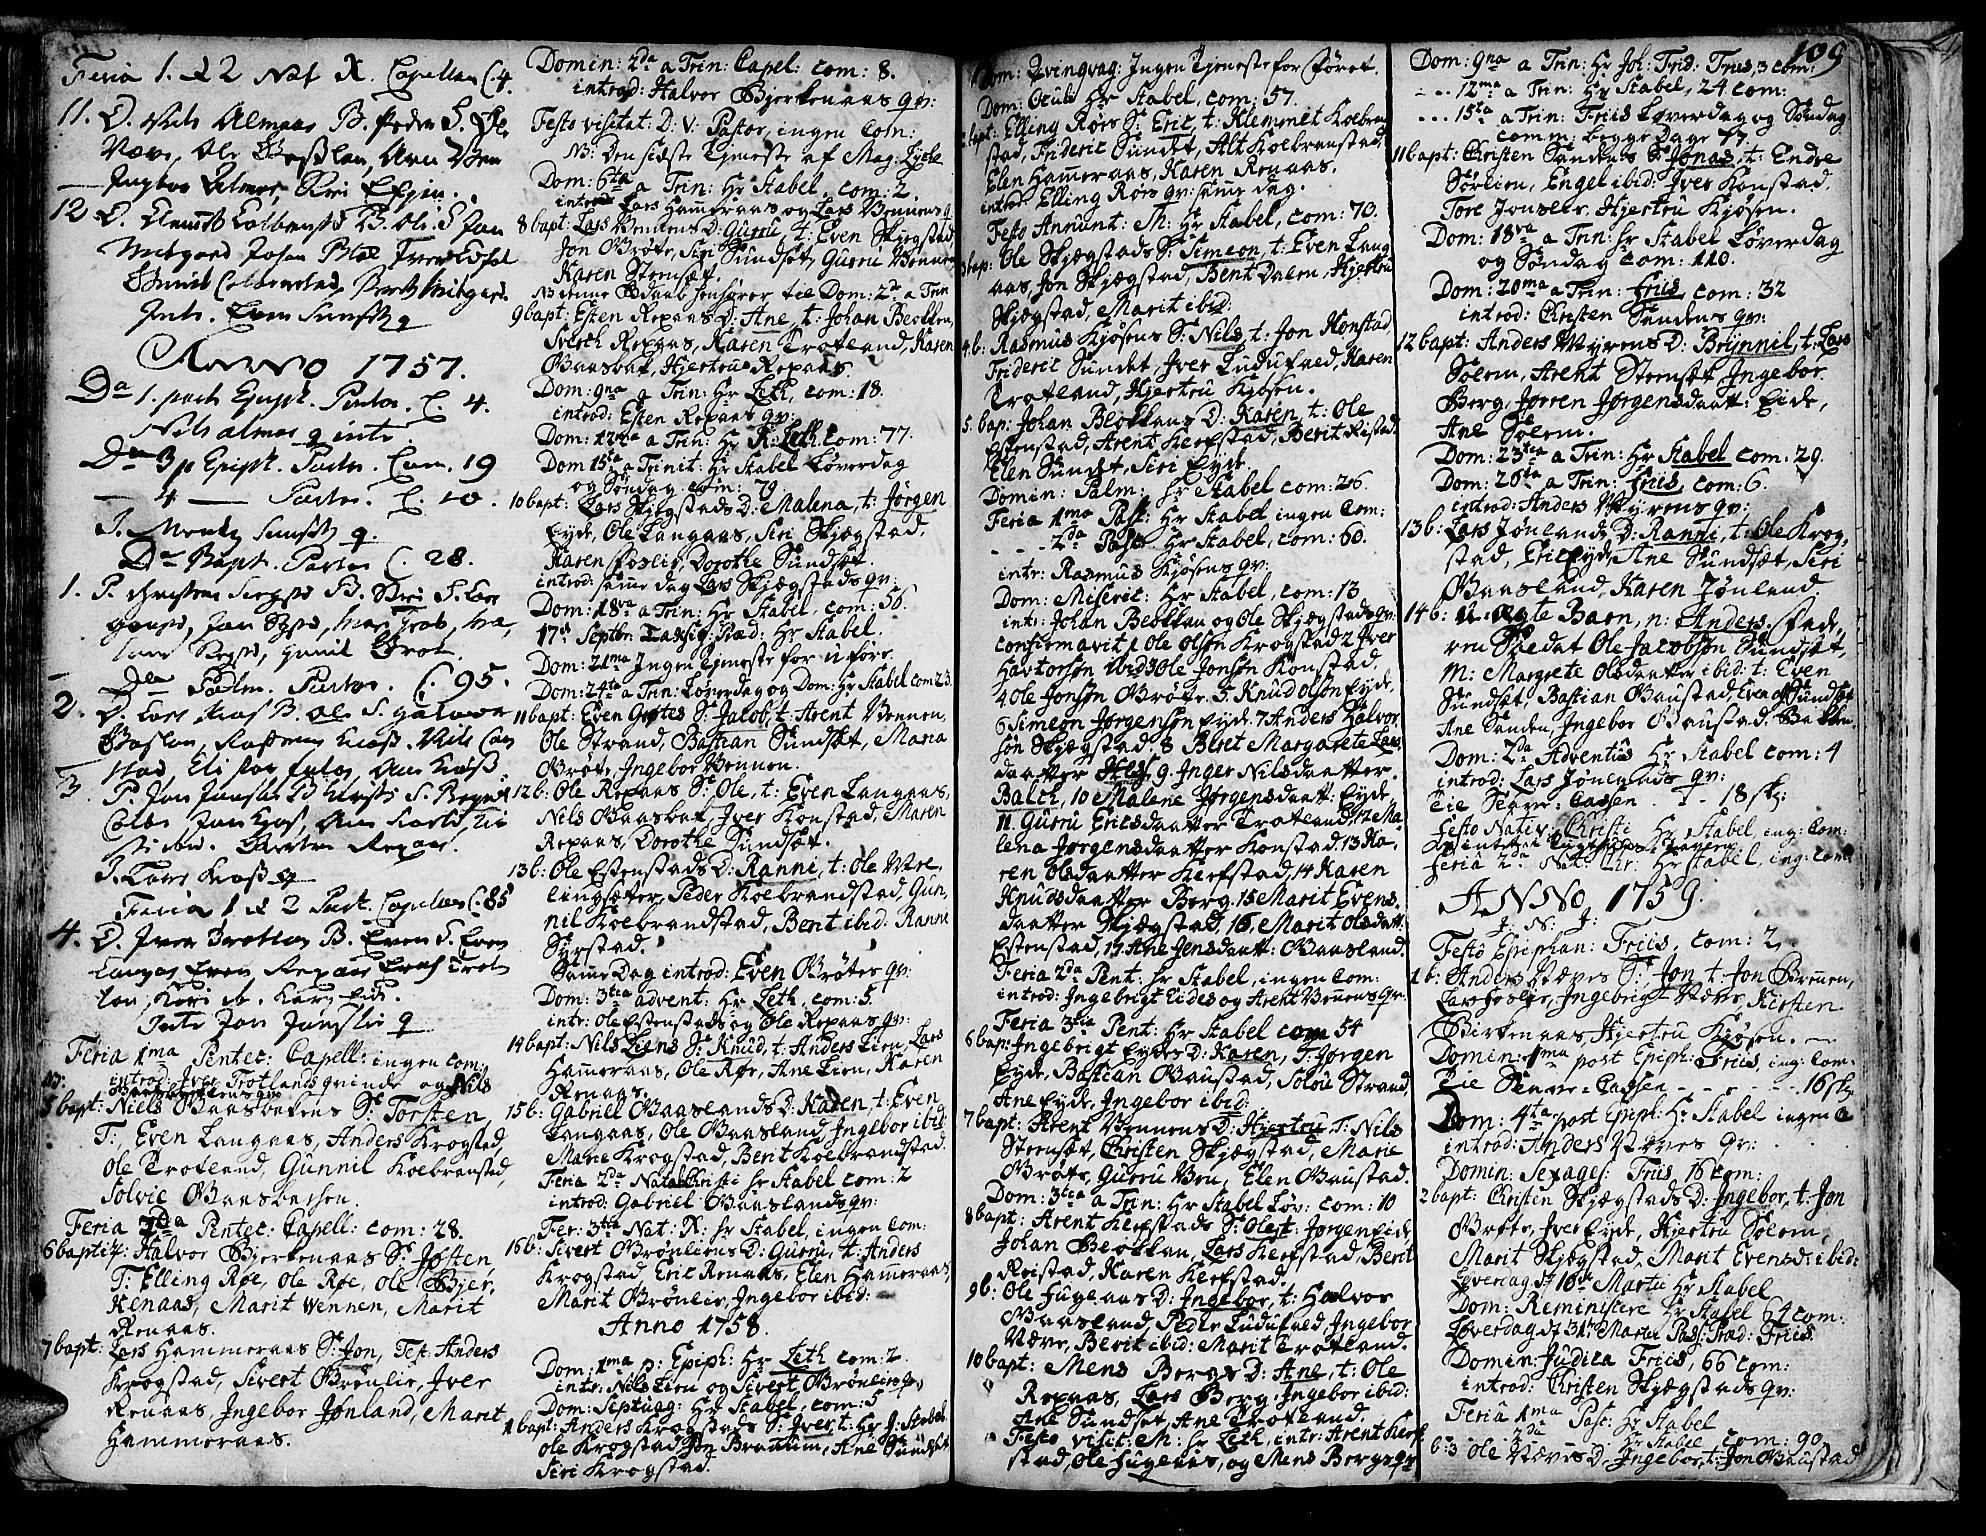 SAT, Ministerialprotokoller, klokkerbøker og fødselsregistre - Sør-Trøndelag, 691/L1060: Ministerialbok nr. 691A01 /4, 1740-1767, s. 109